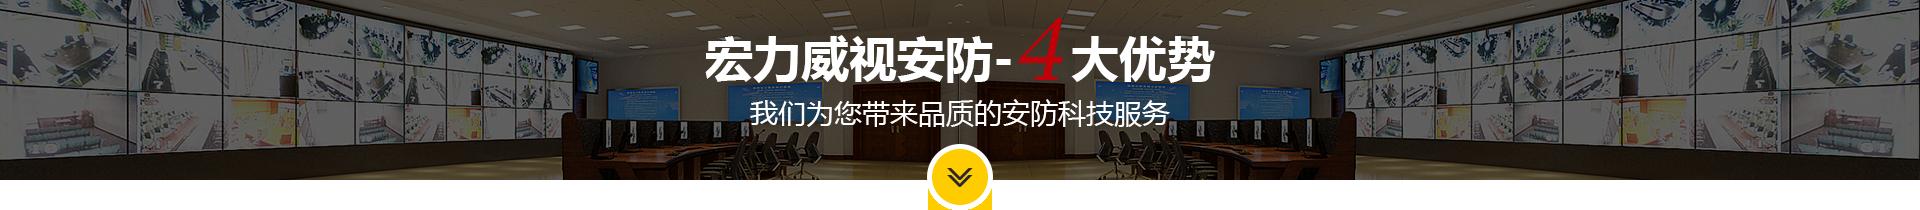 武汉监控安装公司